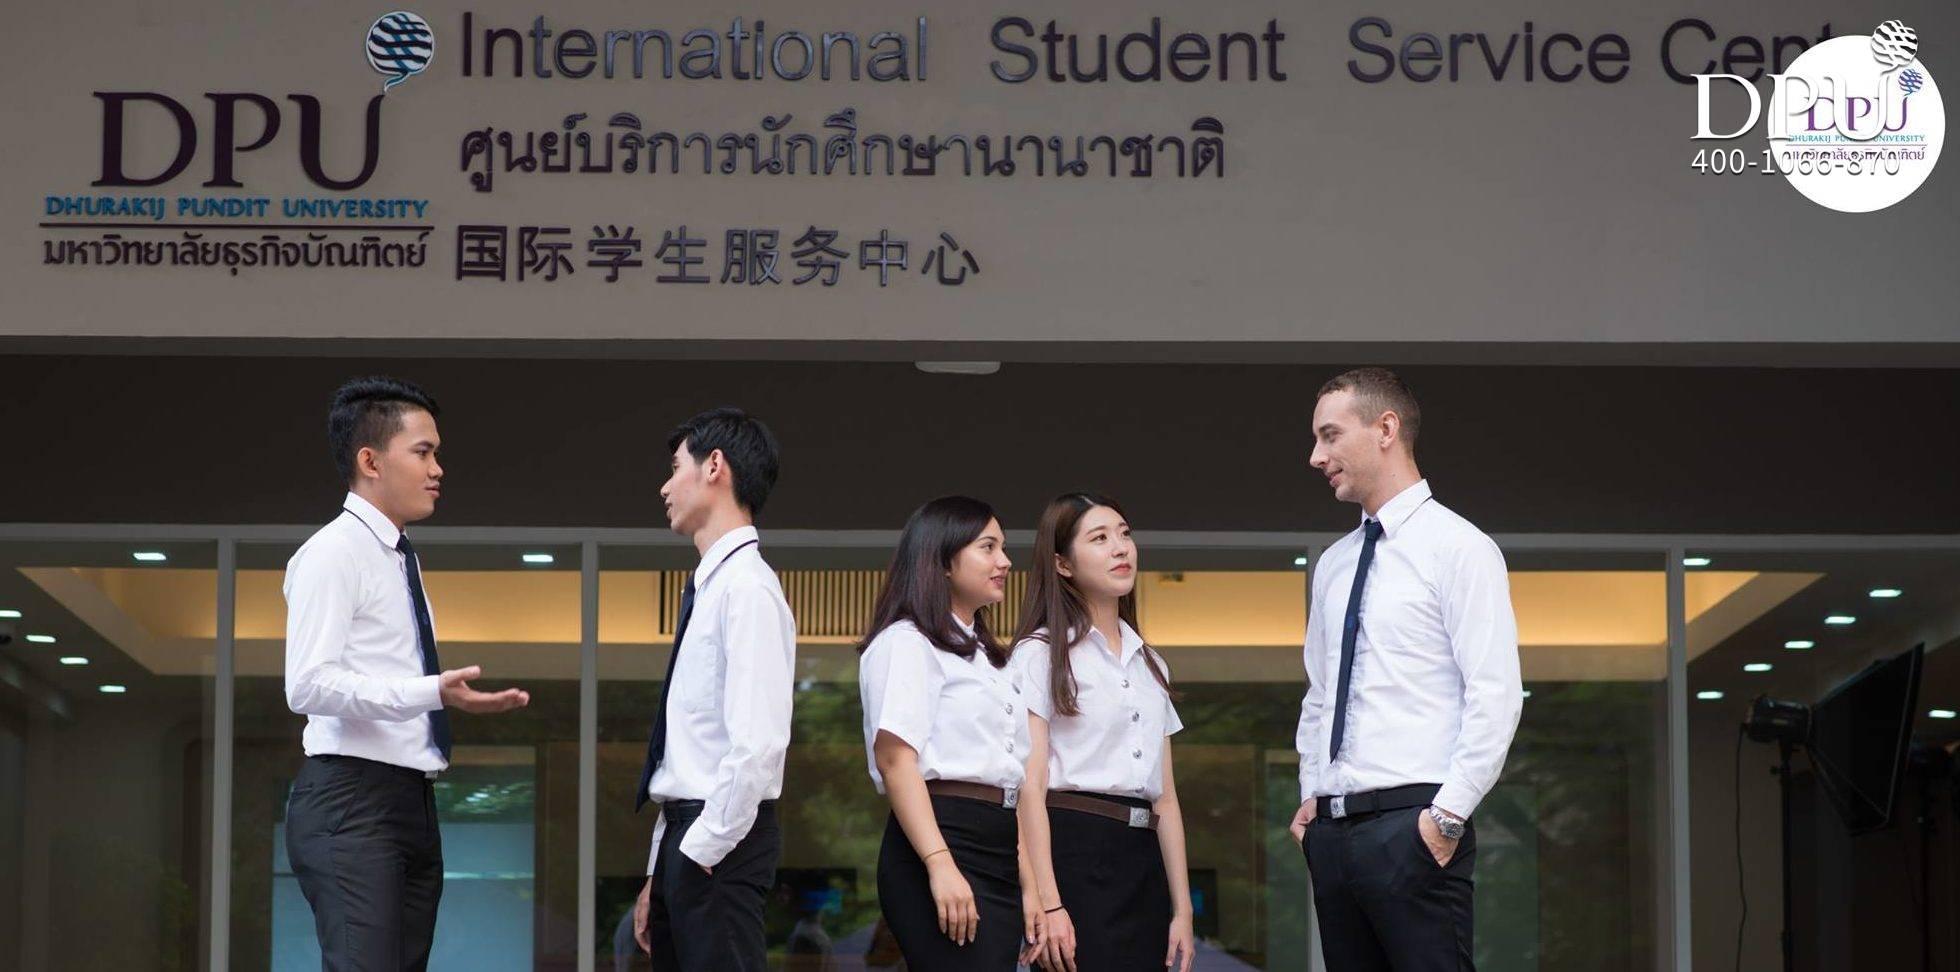 国际学生服务中心